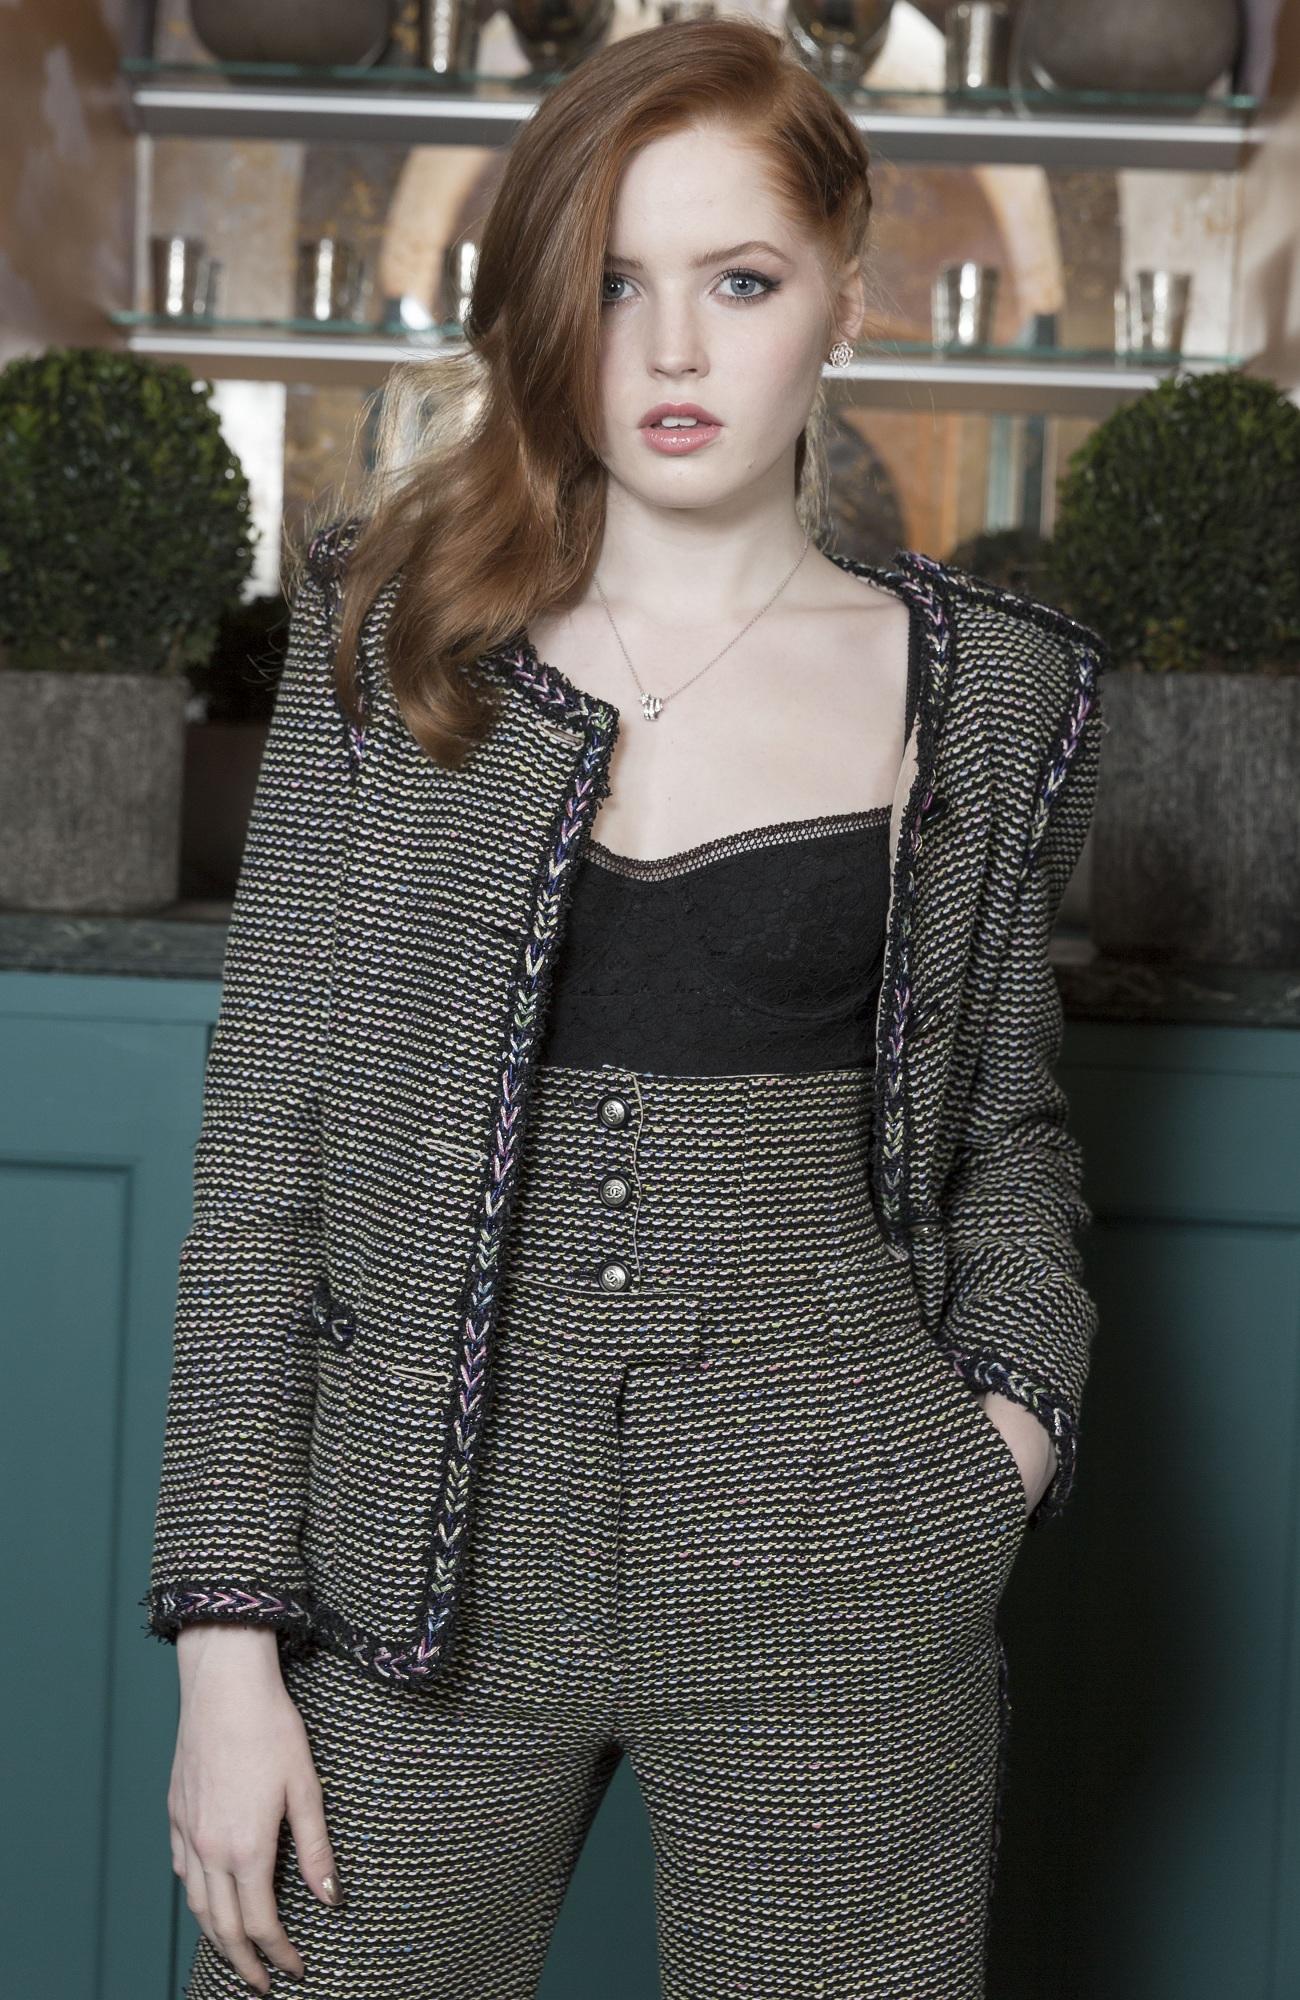 Ellie Bamber Chanel Pre-Bafta Fashionela